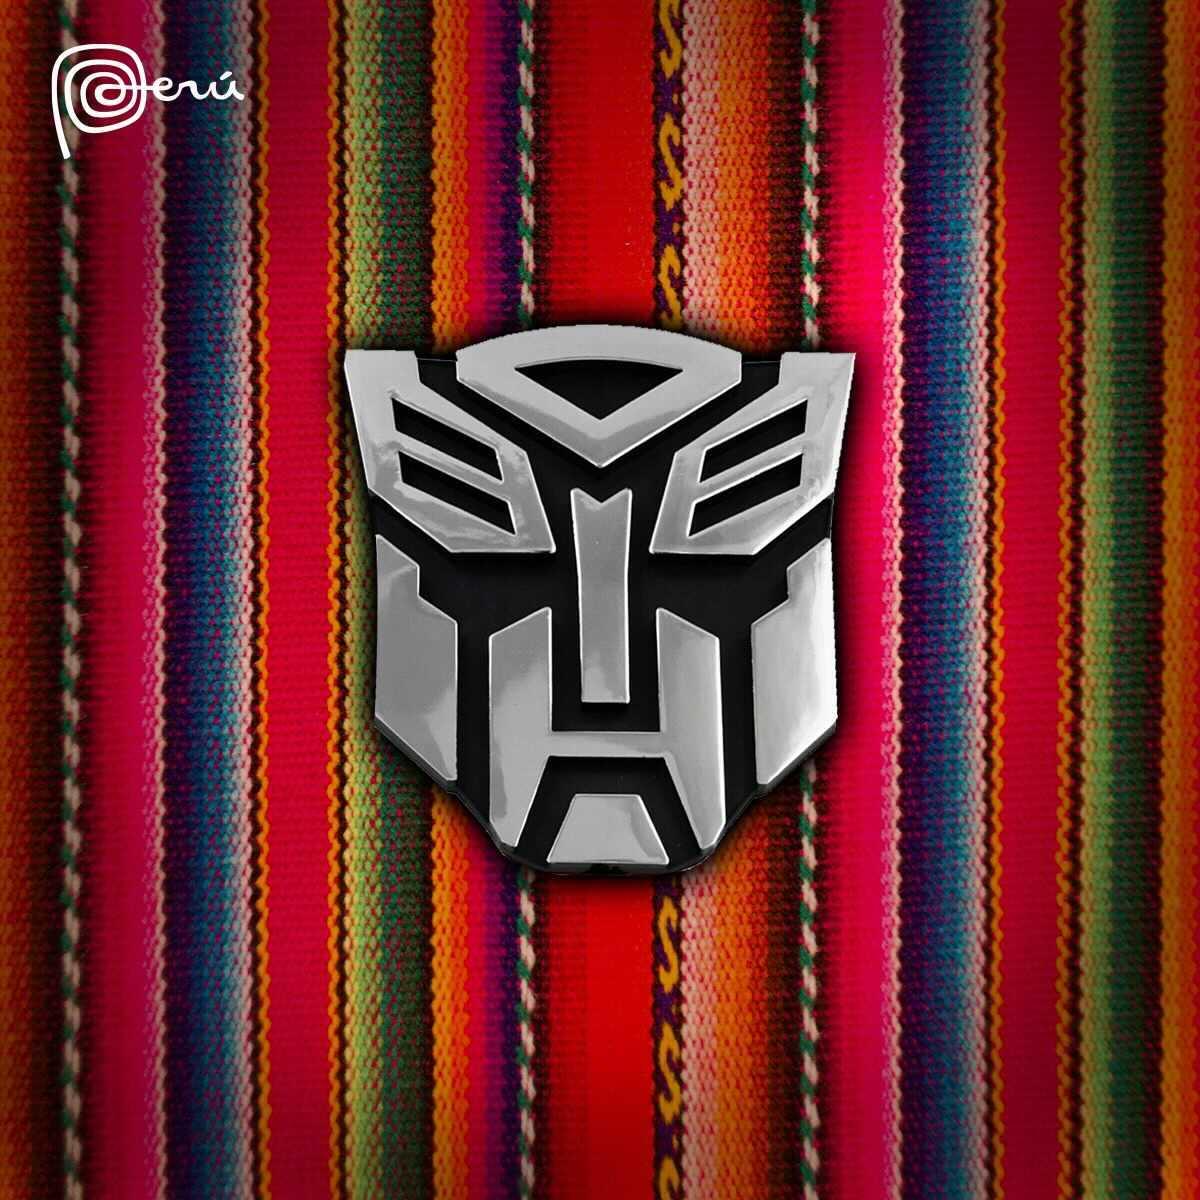 Película de Transformers se rodará en Perú